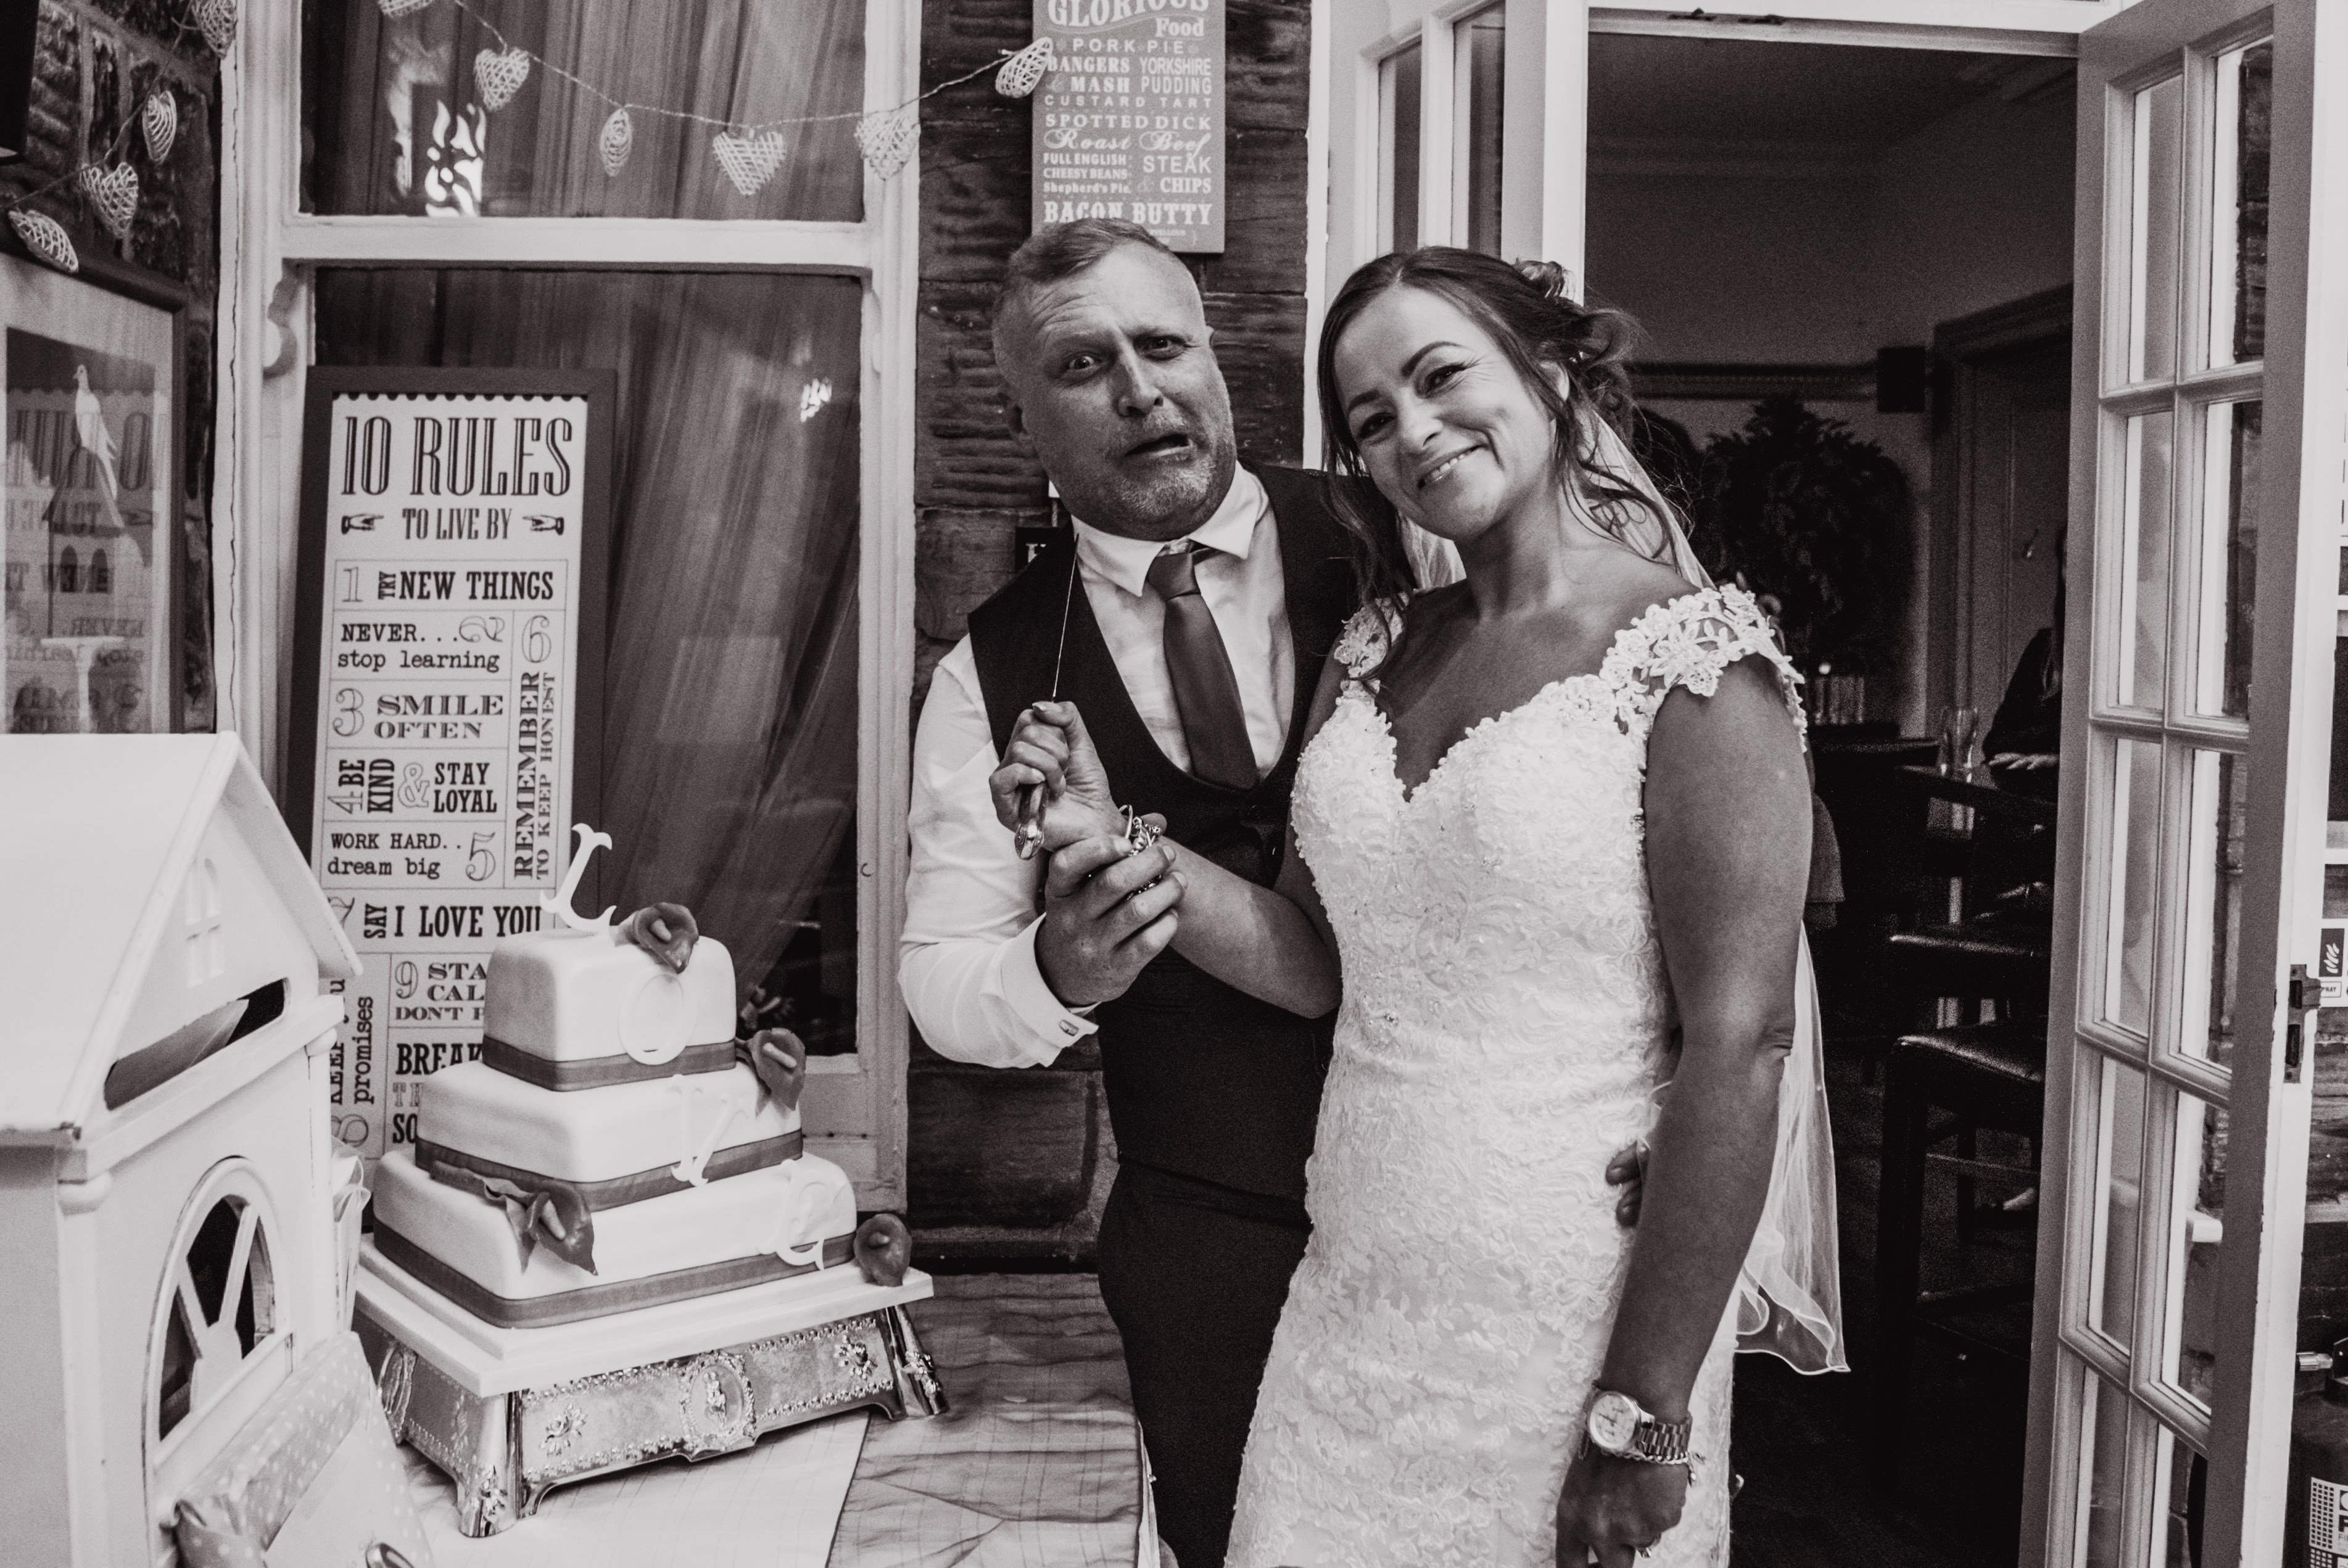 Dimple Well Lodge Wedding | Rachel & Tony 21